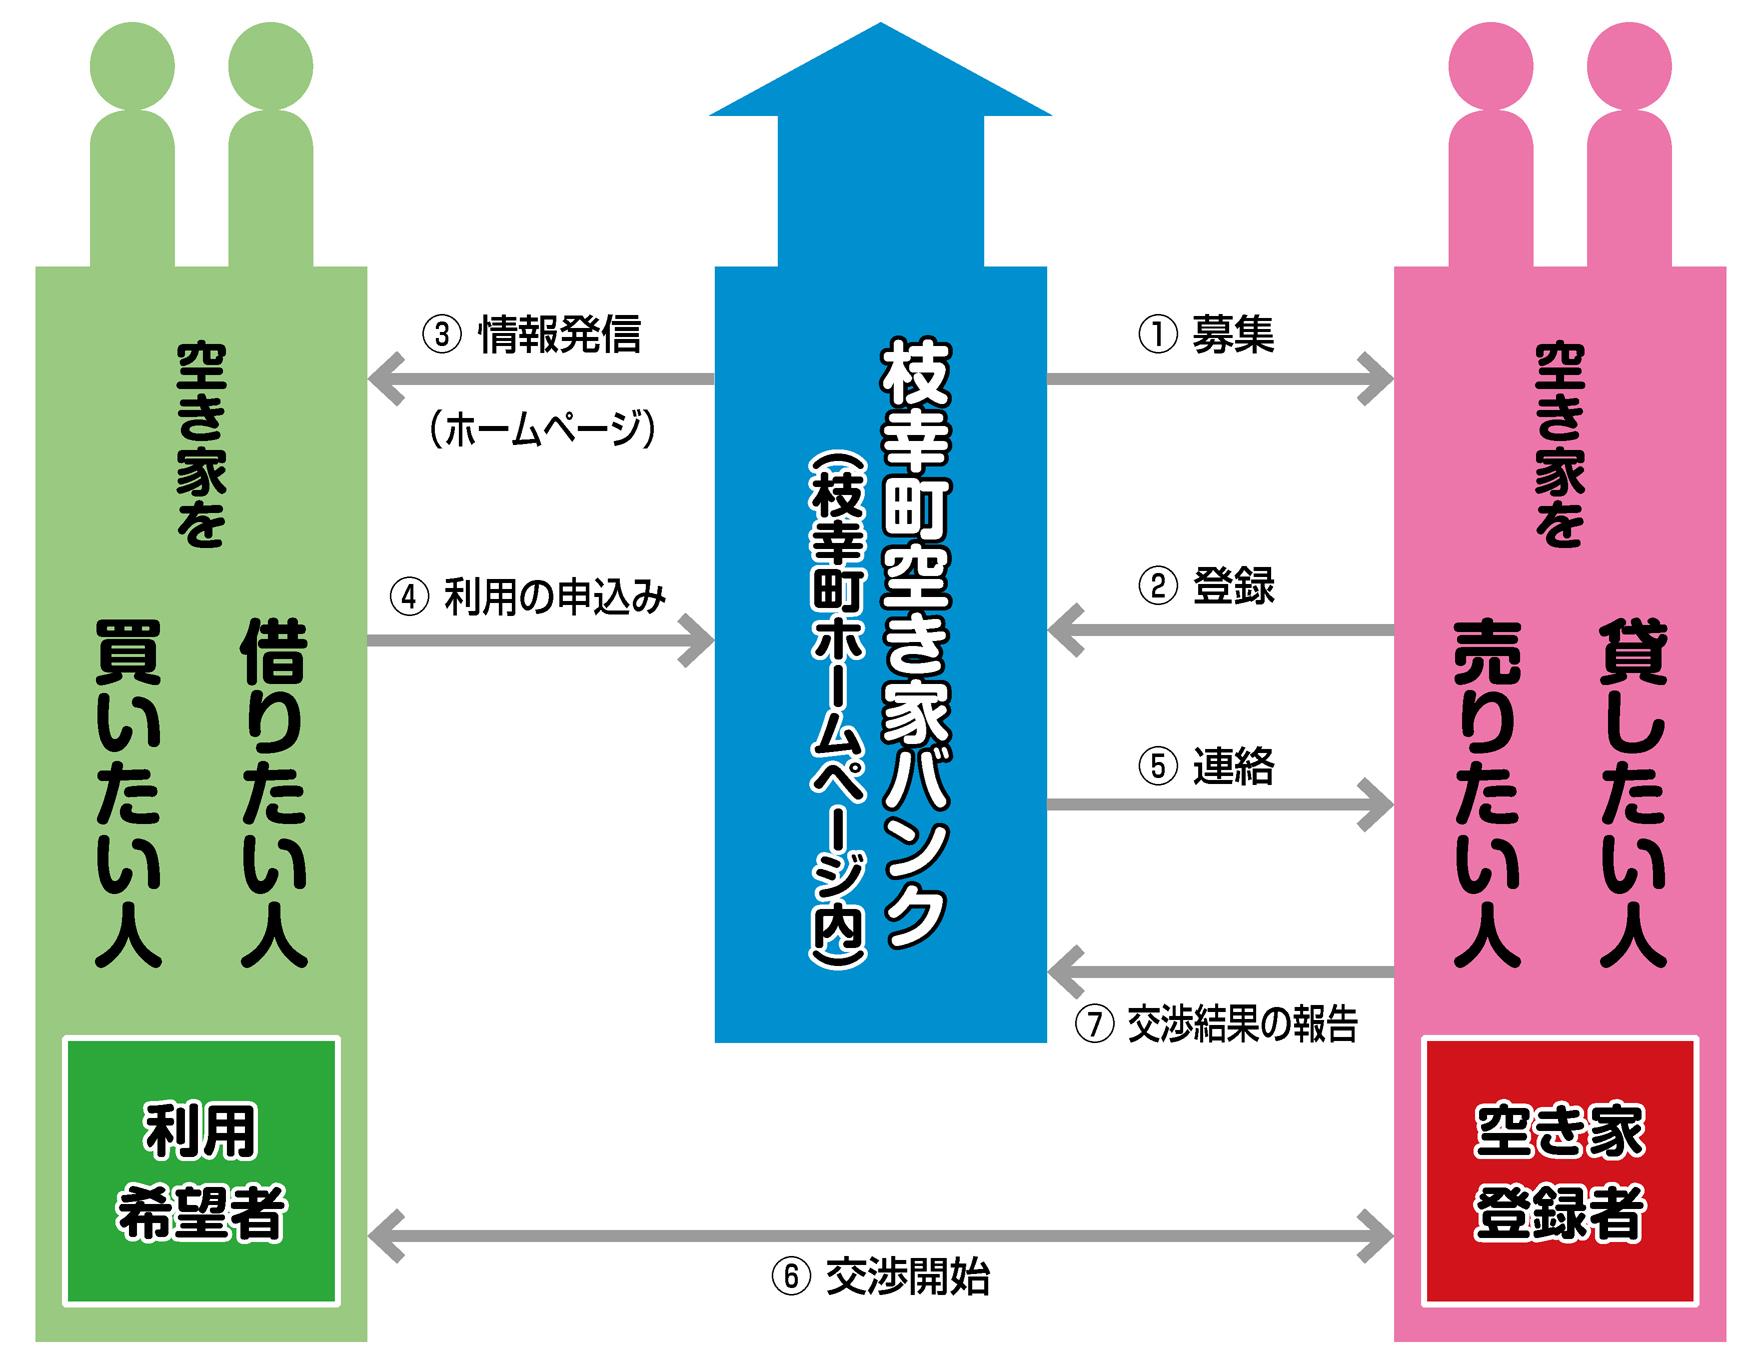 ../common/img/content/「枝幸町空き家バンク制度」ご登録・ご利用の流れ